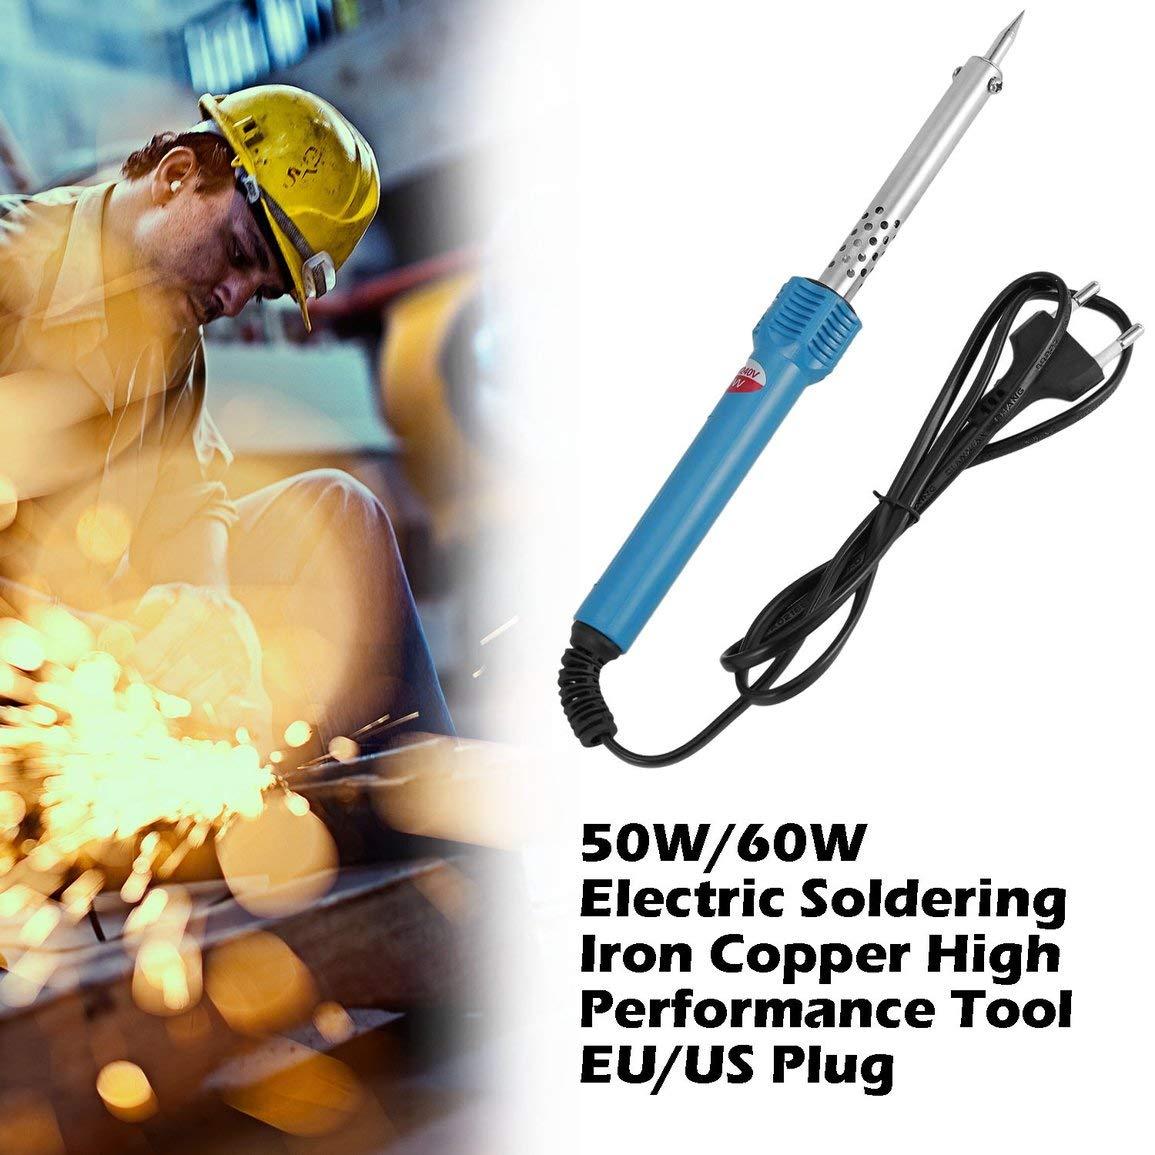 Couvercle en Acier r/ésistance /à Haute temp/érature Isolation Anti-br/ûlure 50W // 60W Fer /électrique /à souder en cuivre Prise EU//US fghfhfgjdfj